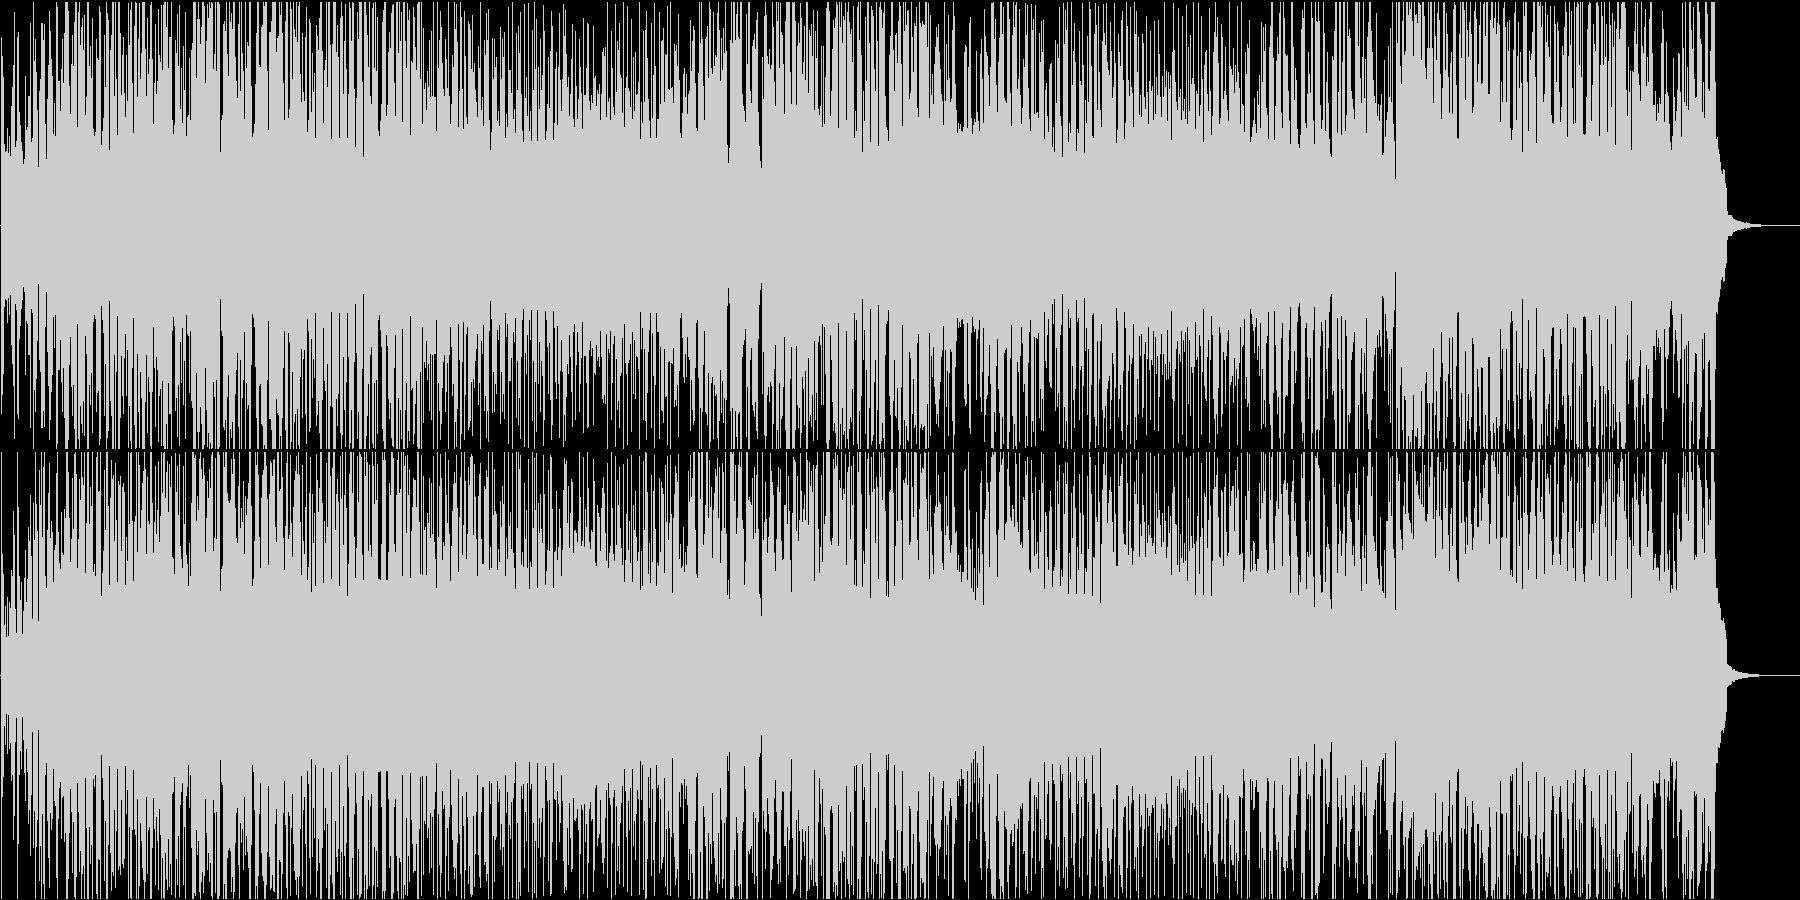 オープニングBGM 盛り上がる元気なスカの未再生の波形